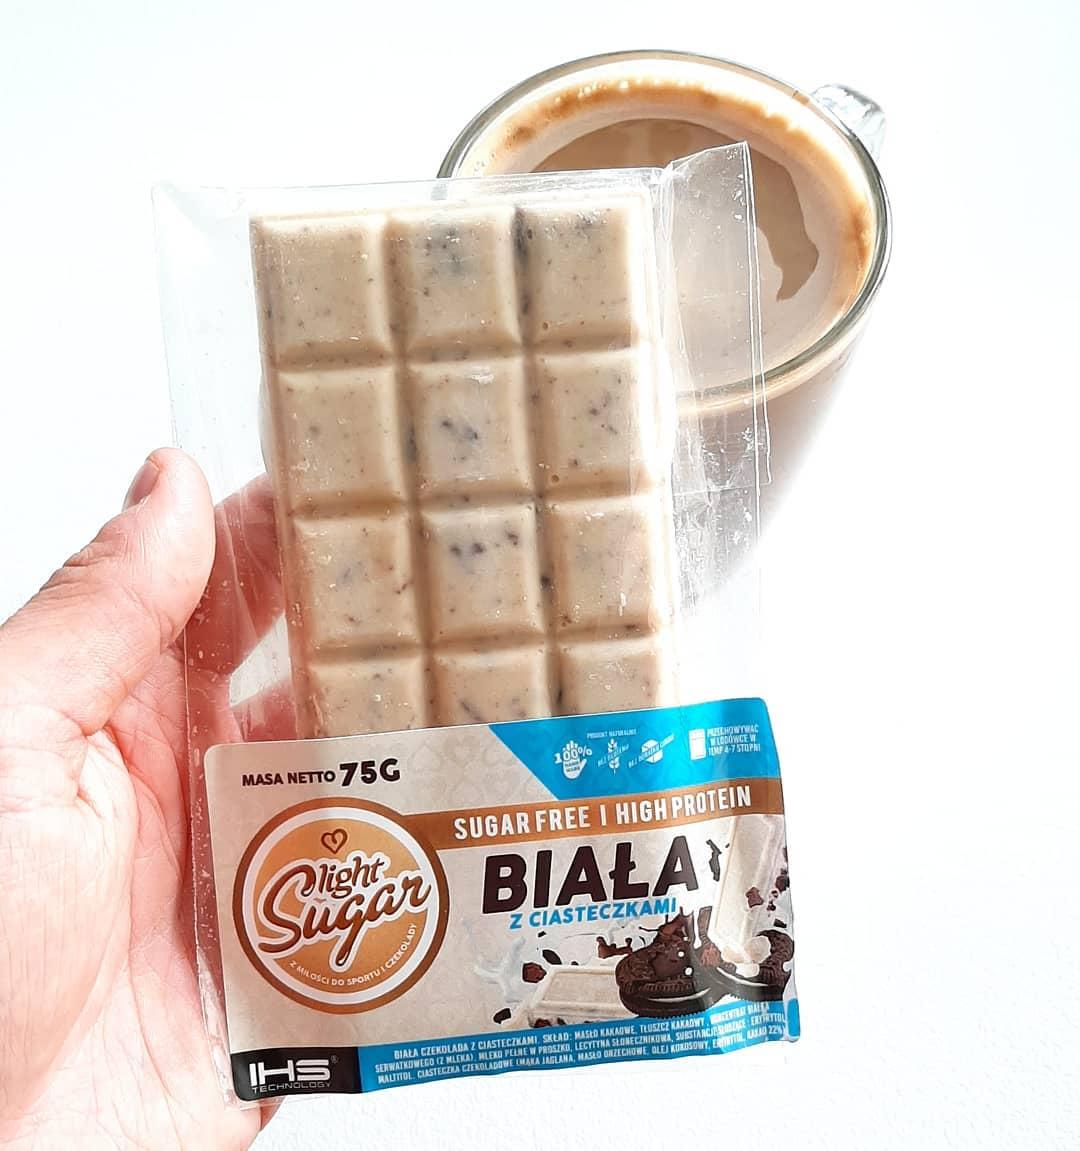 Light Sugar Biała z ciasteczkami – fit czekolada!